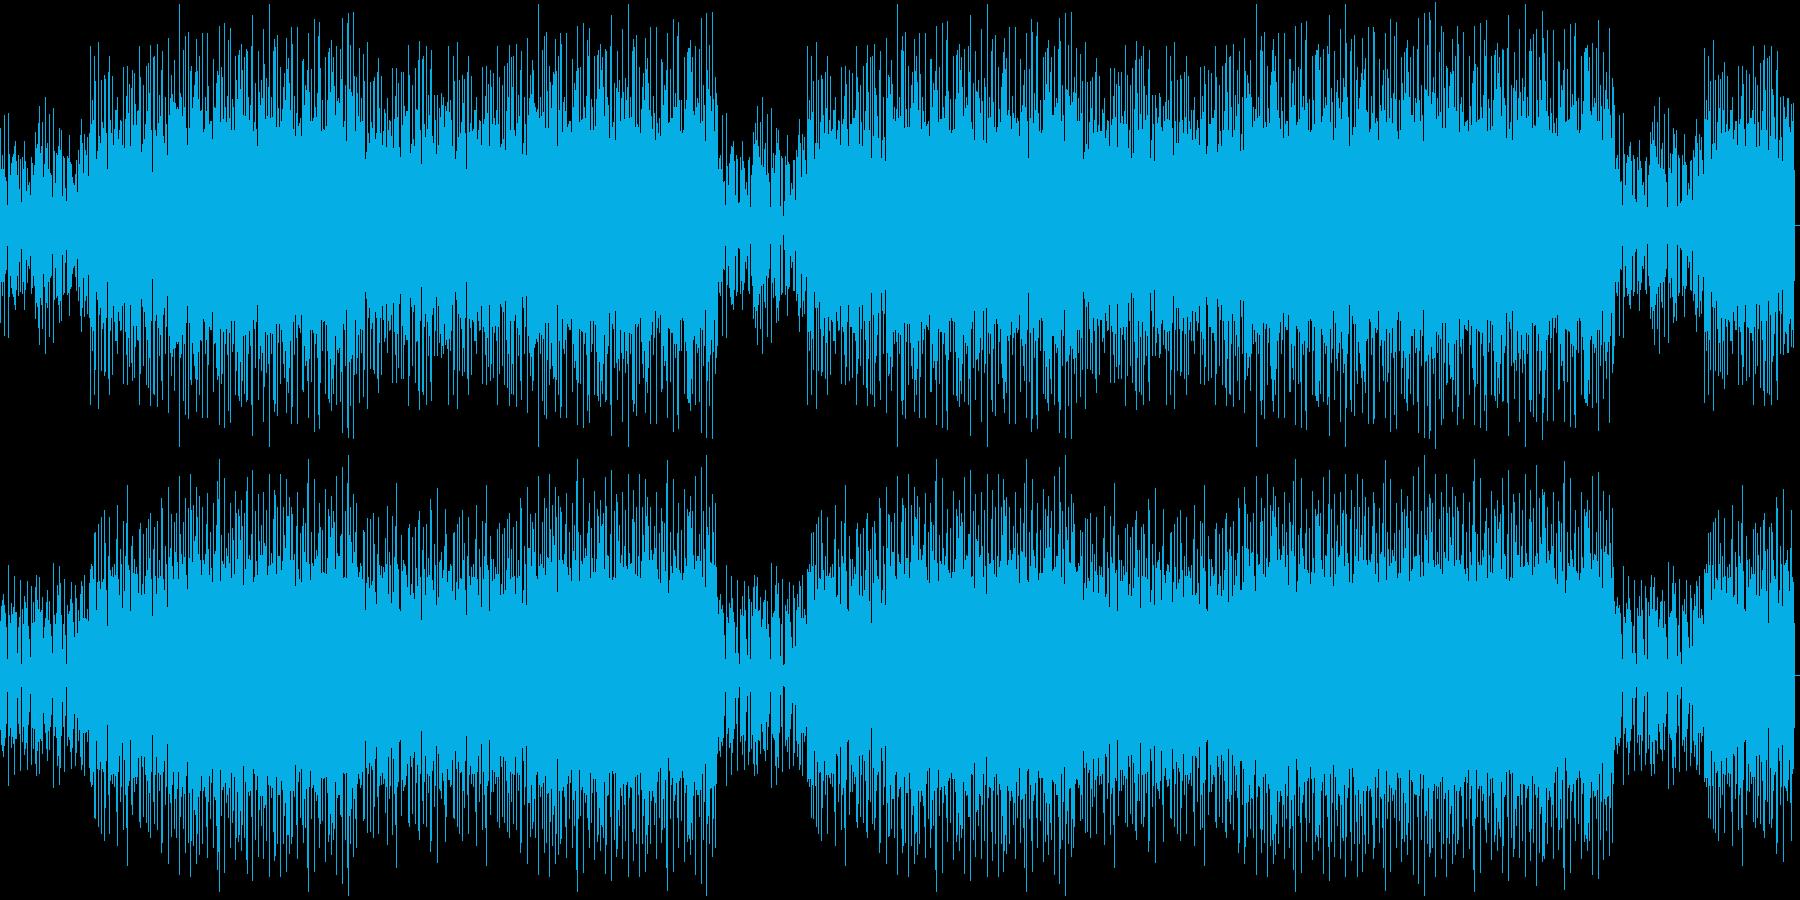 ワイルドなアップデンポ曲の再生済みの波形